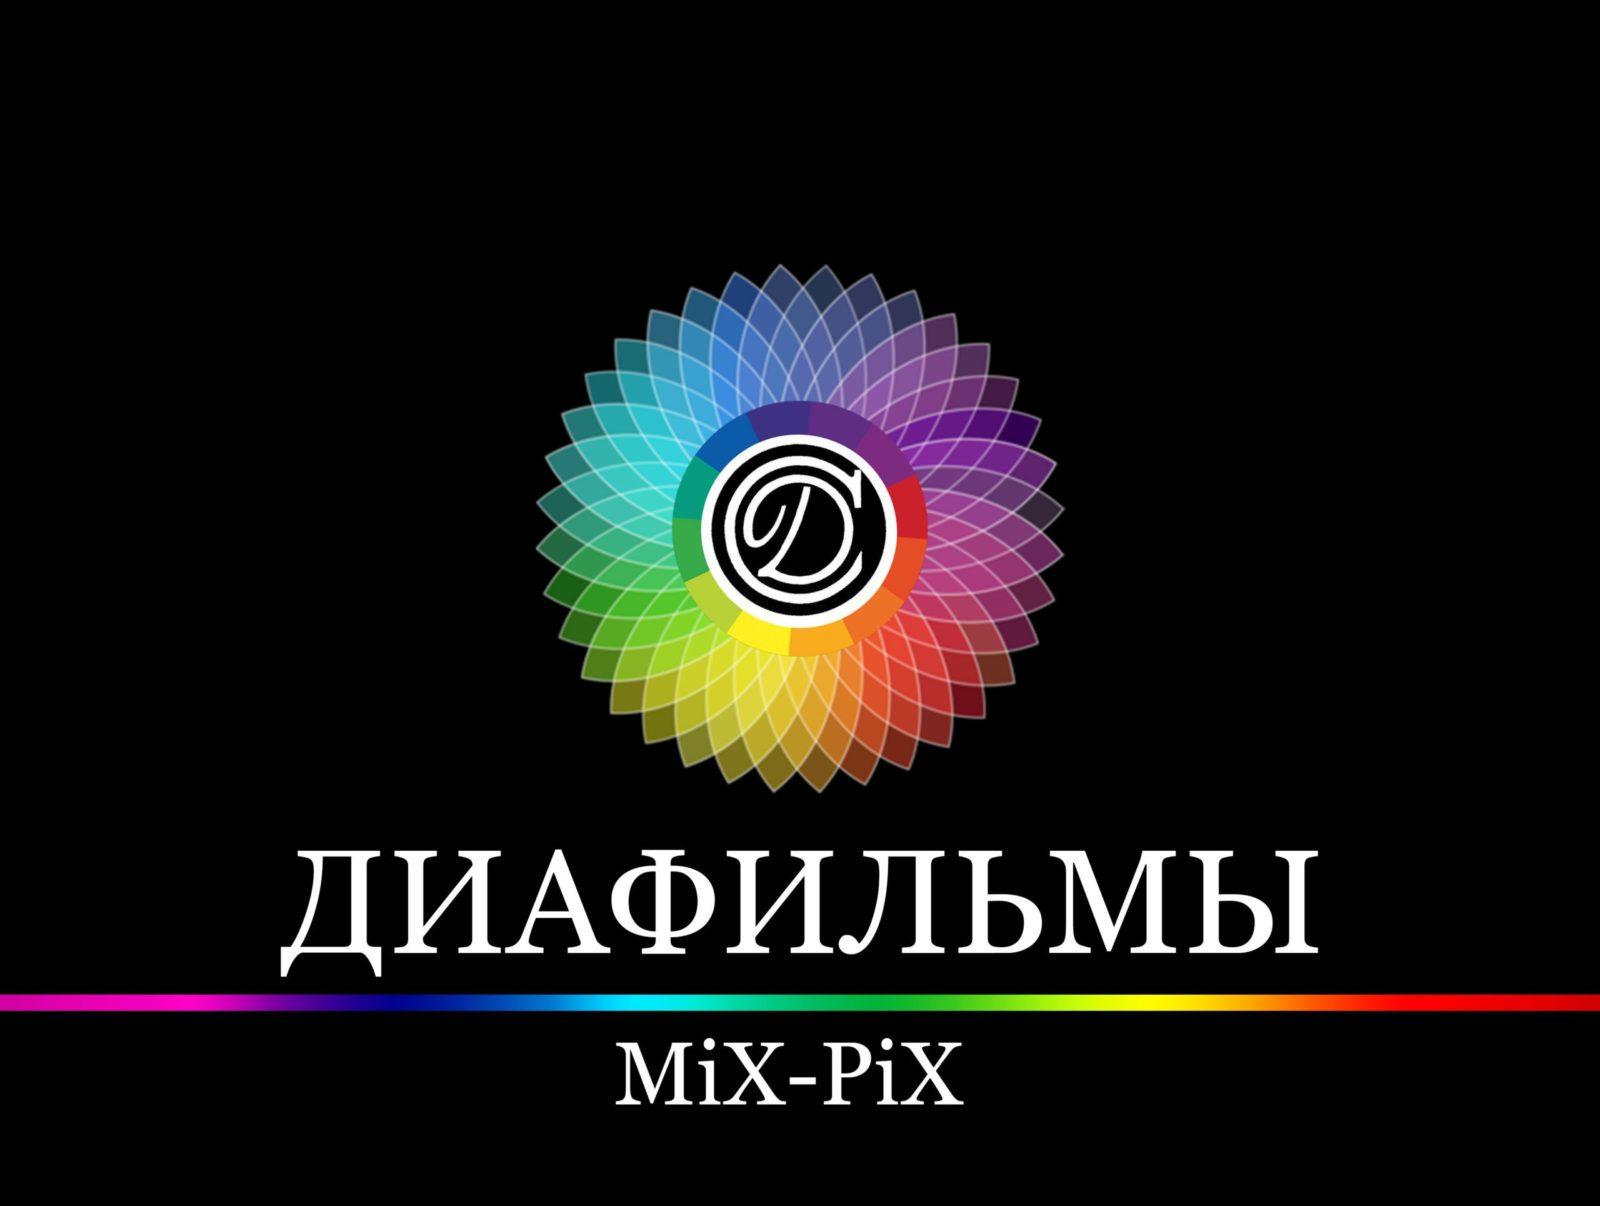 MiX-PiX